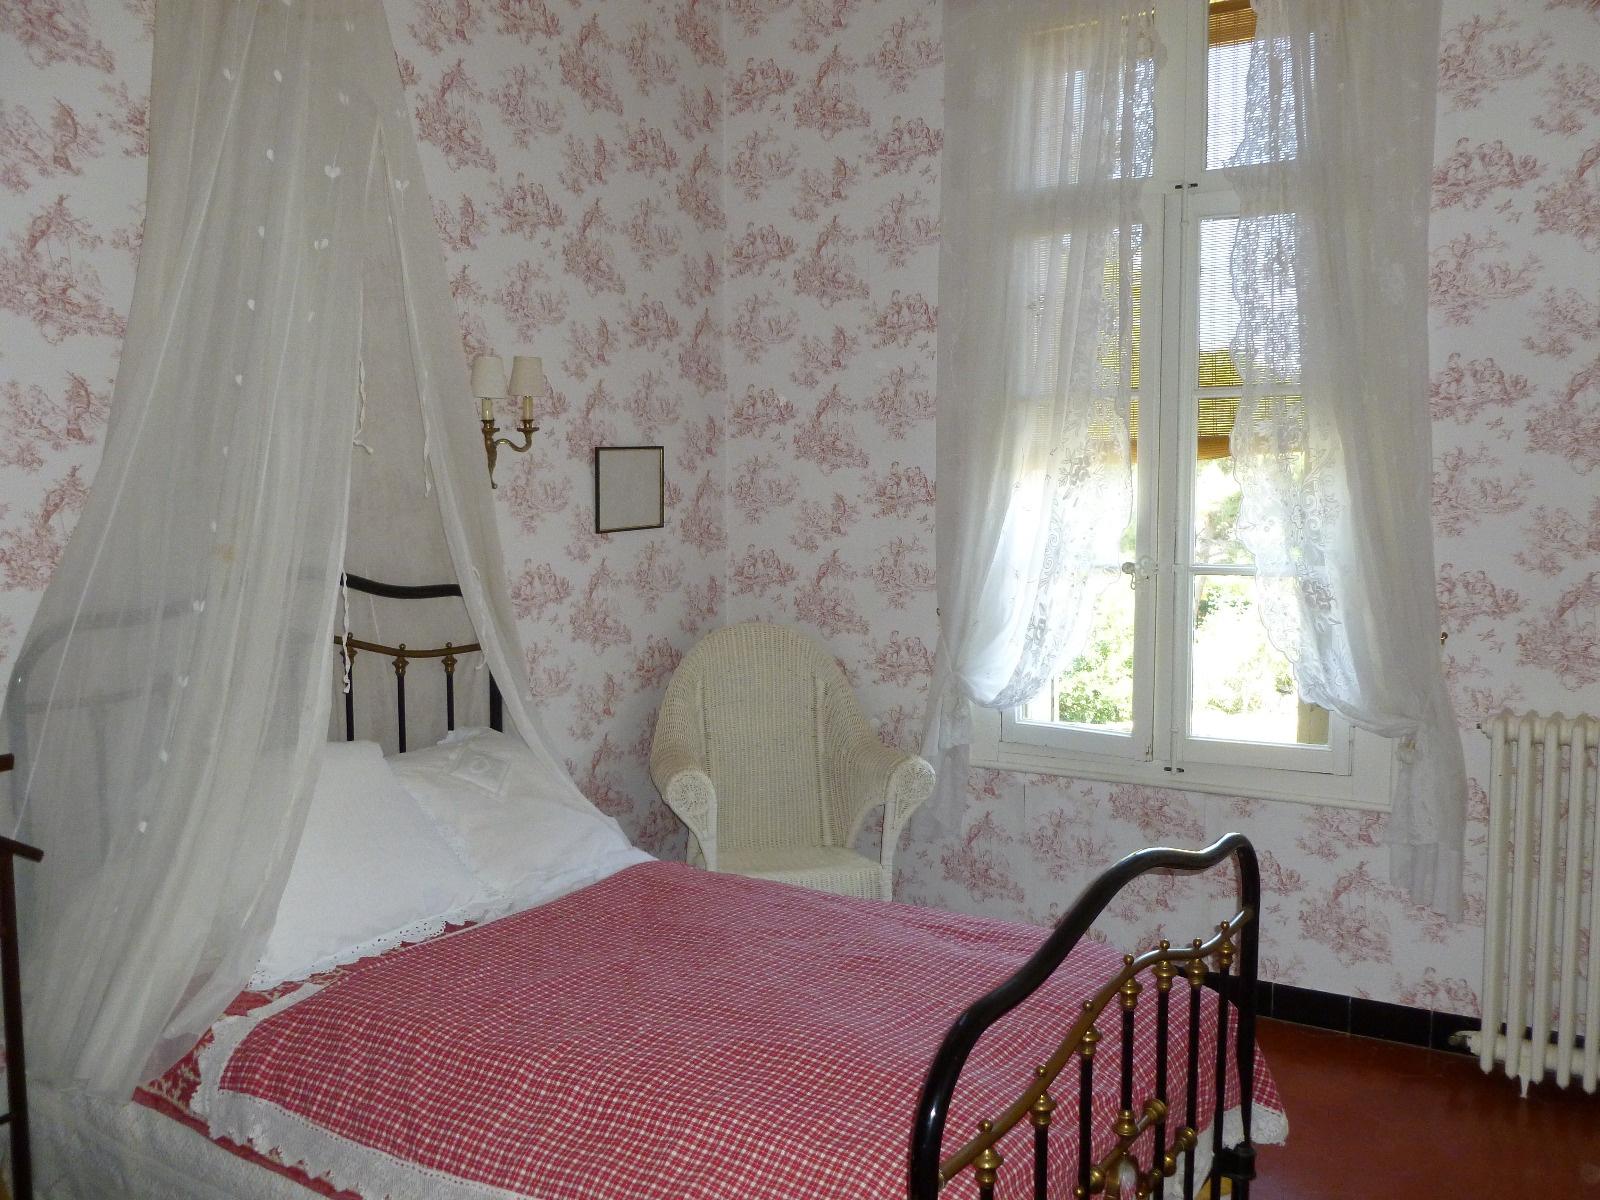 Vente a acheter magnifique maison bourgeoise sur 2 tages for Maison avec jardin a acheter